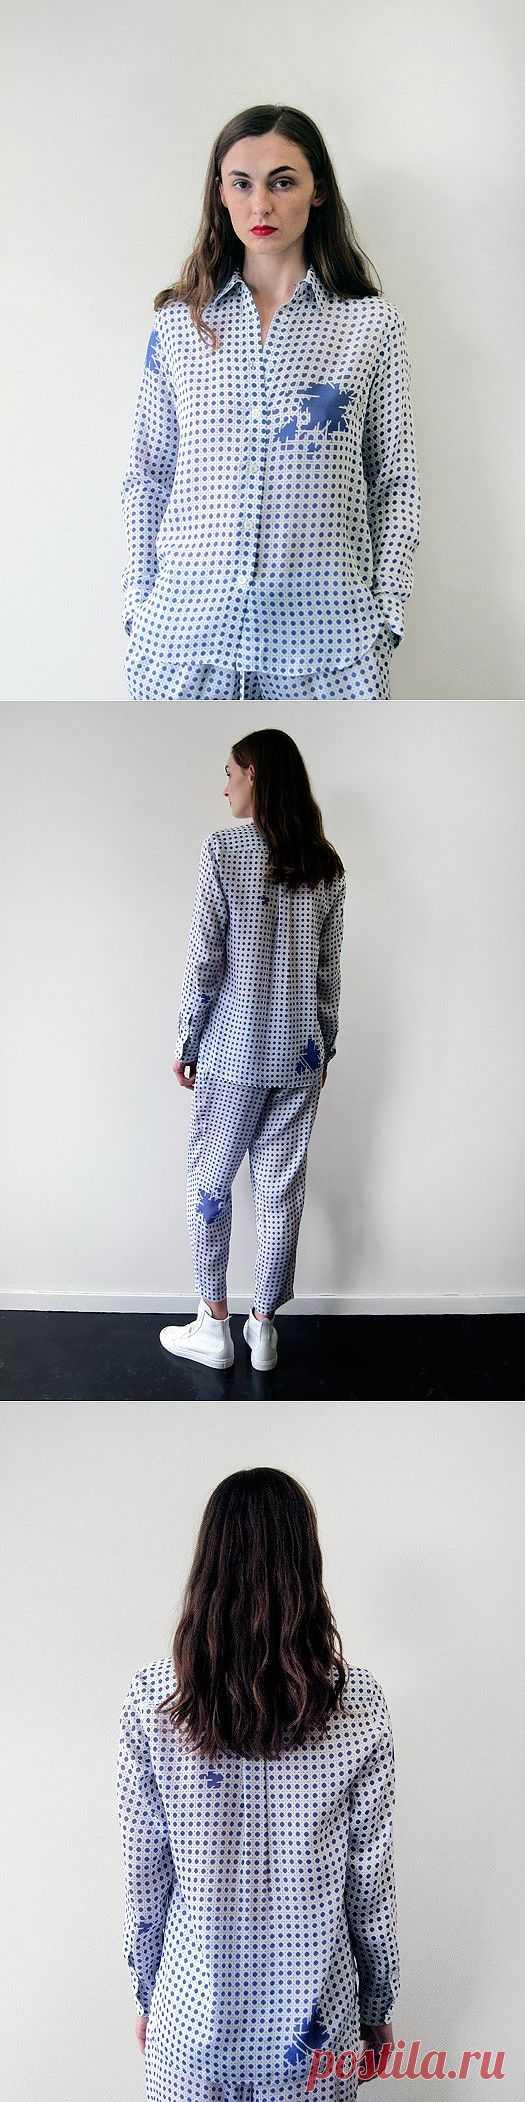 Ветхая пижама / Рисунки и надписи / Модный сайт о стильной переделке одежды и интерьера